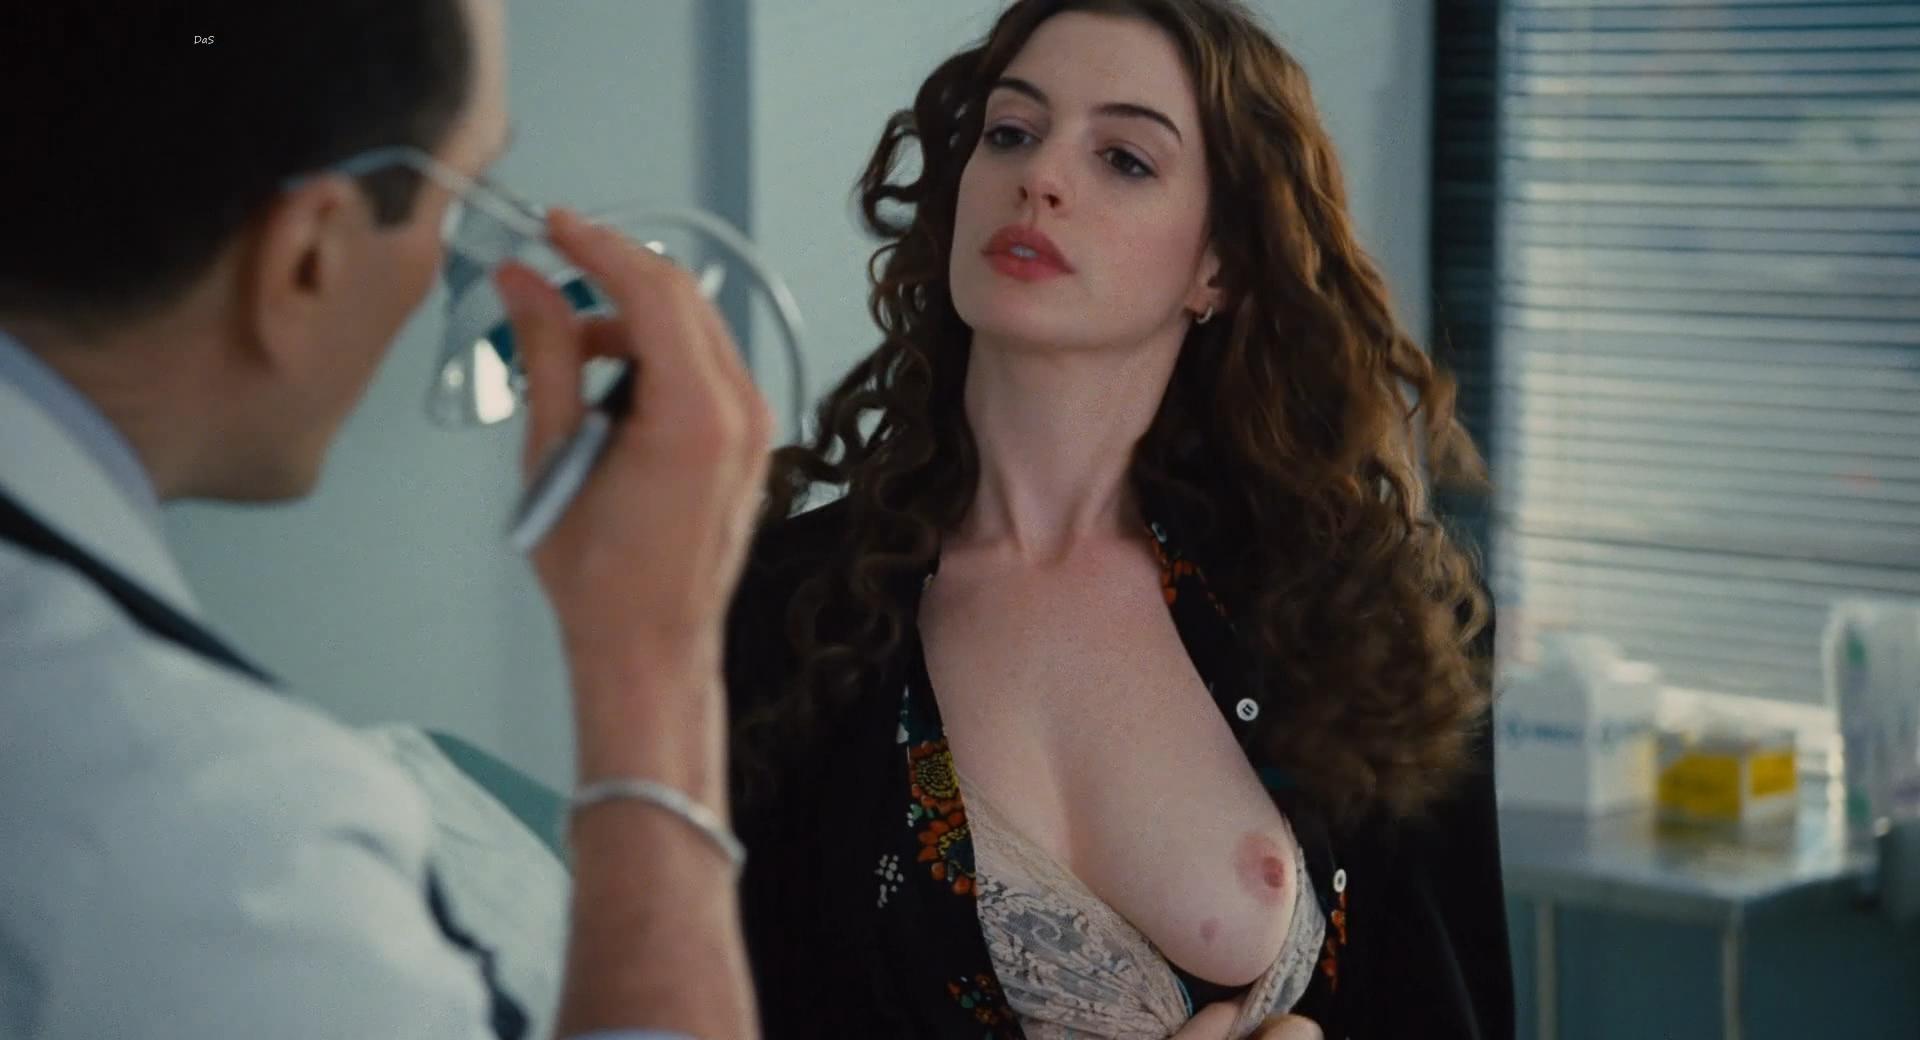 Anne Hathaway Porno anne hathaway xxx - xxxpicss